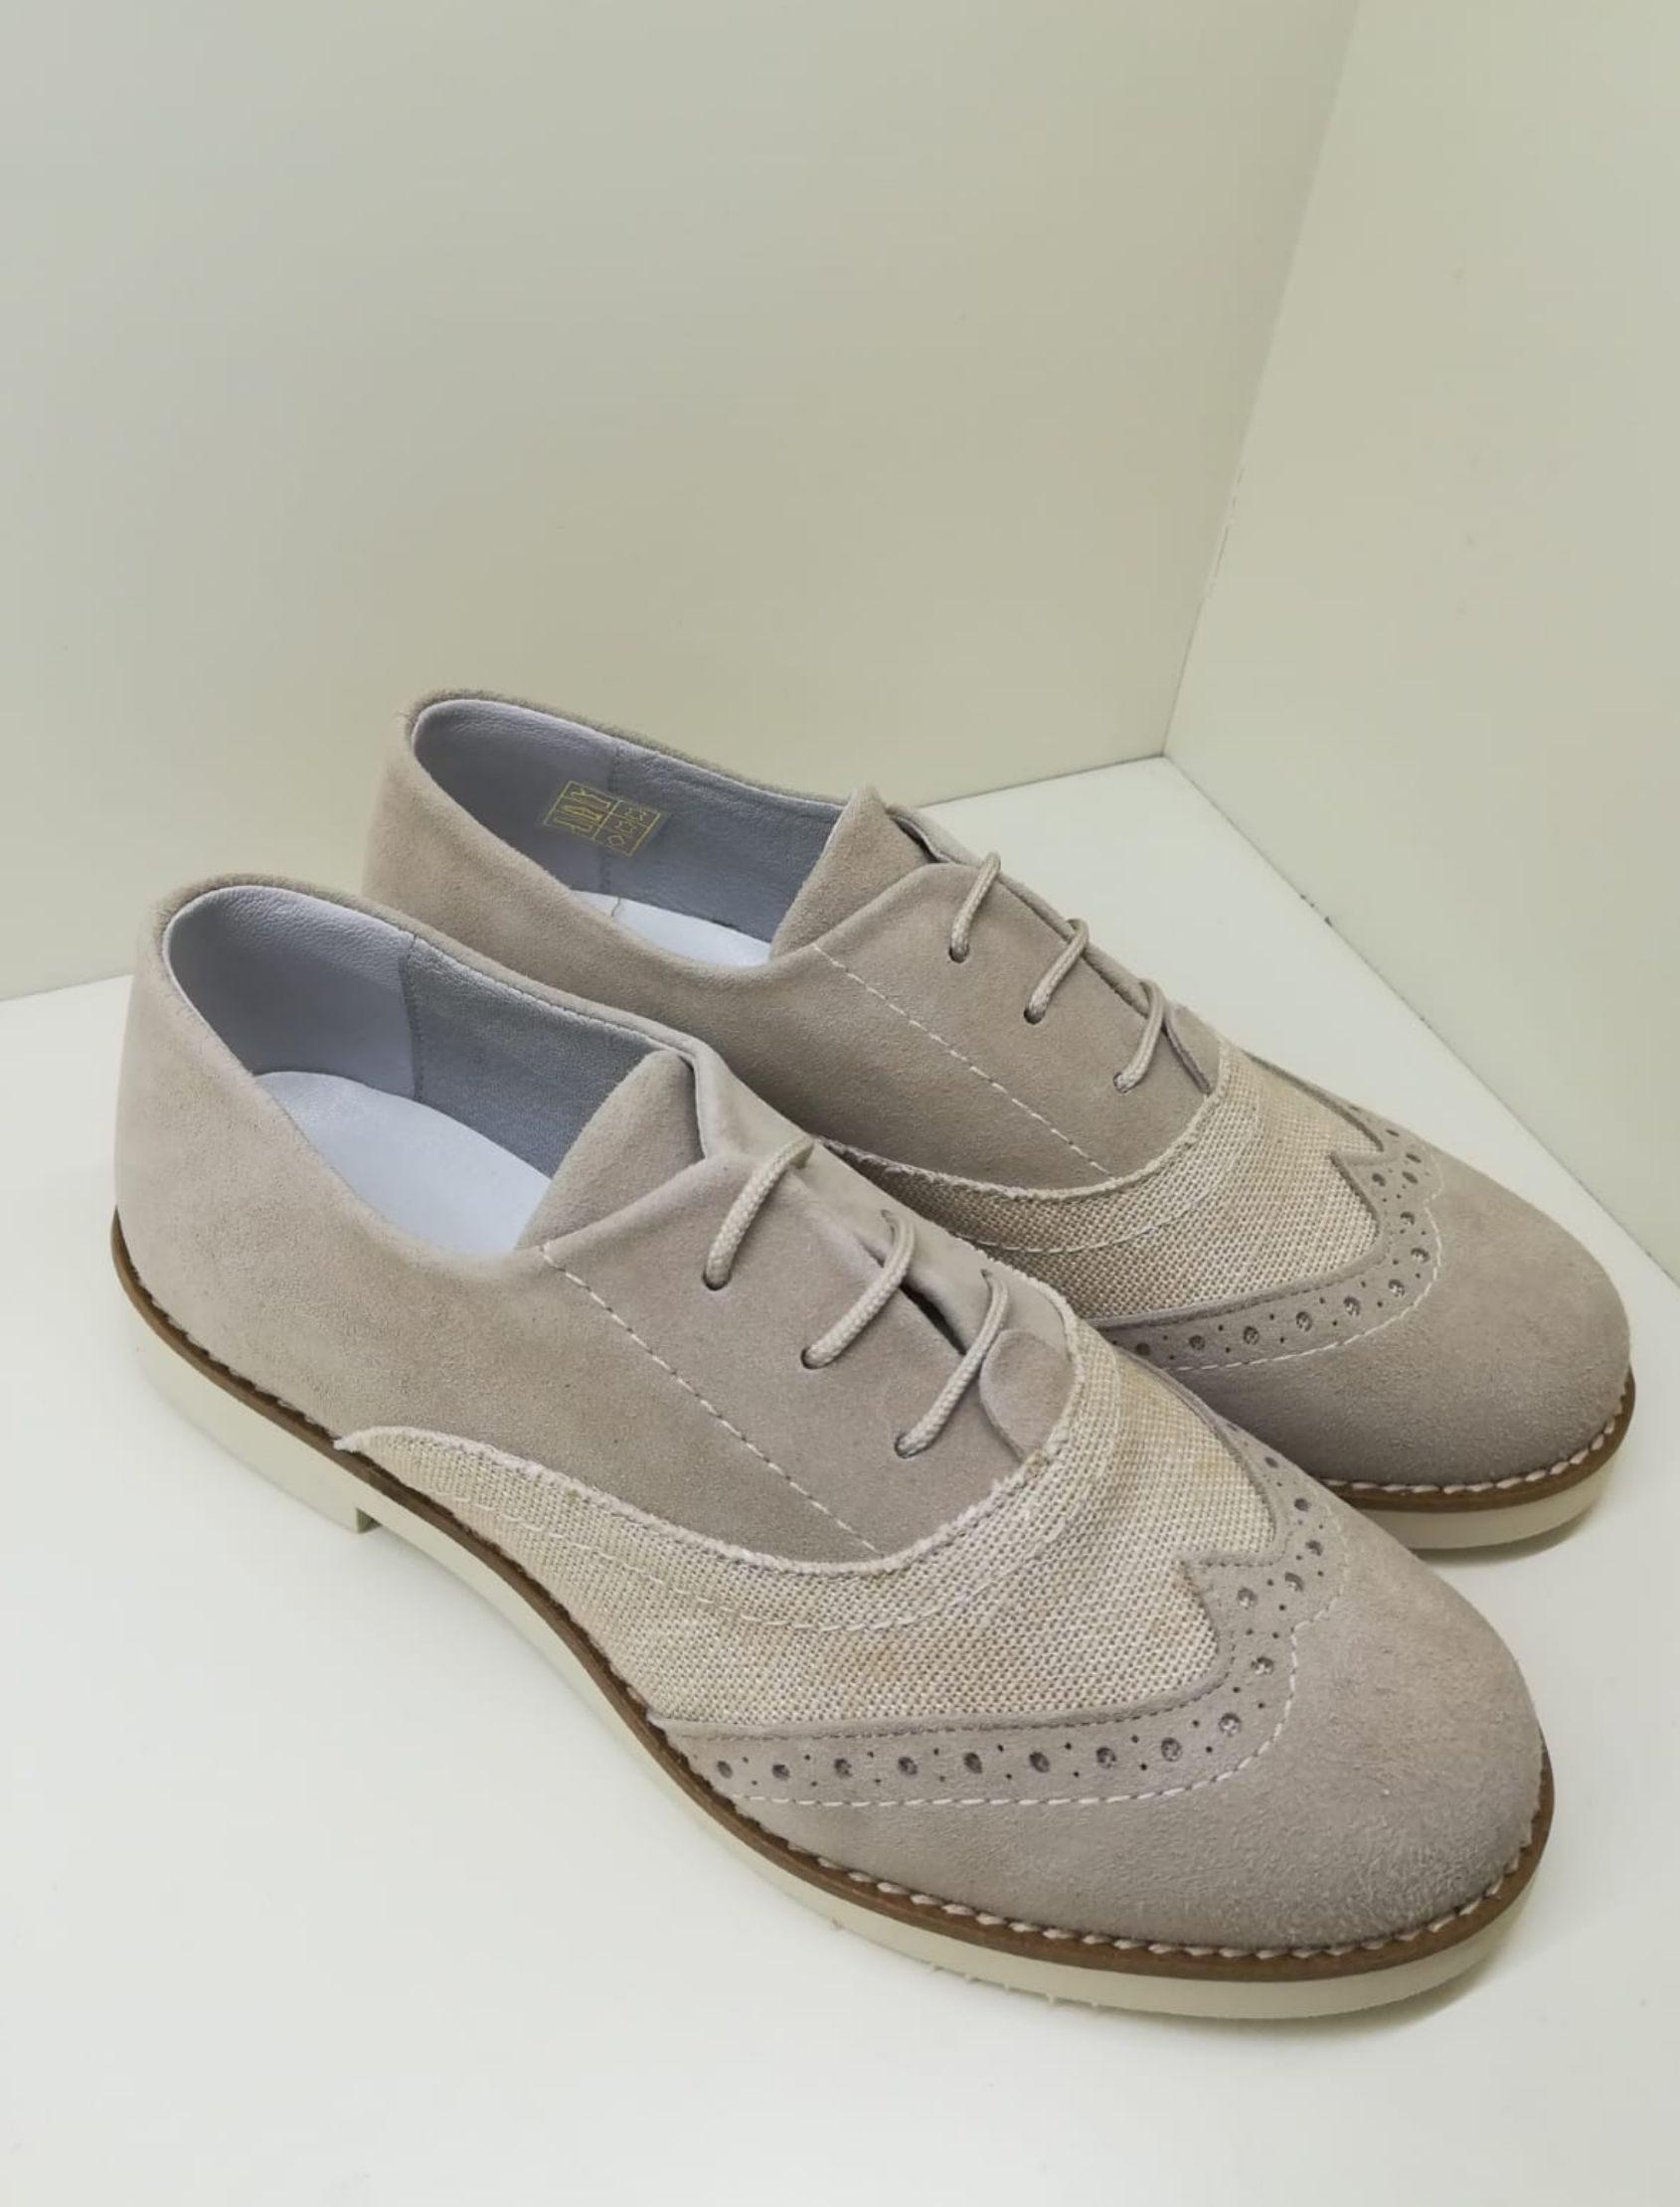 zapato tipo blucher de piel con cordones en tonos arena